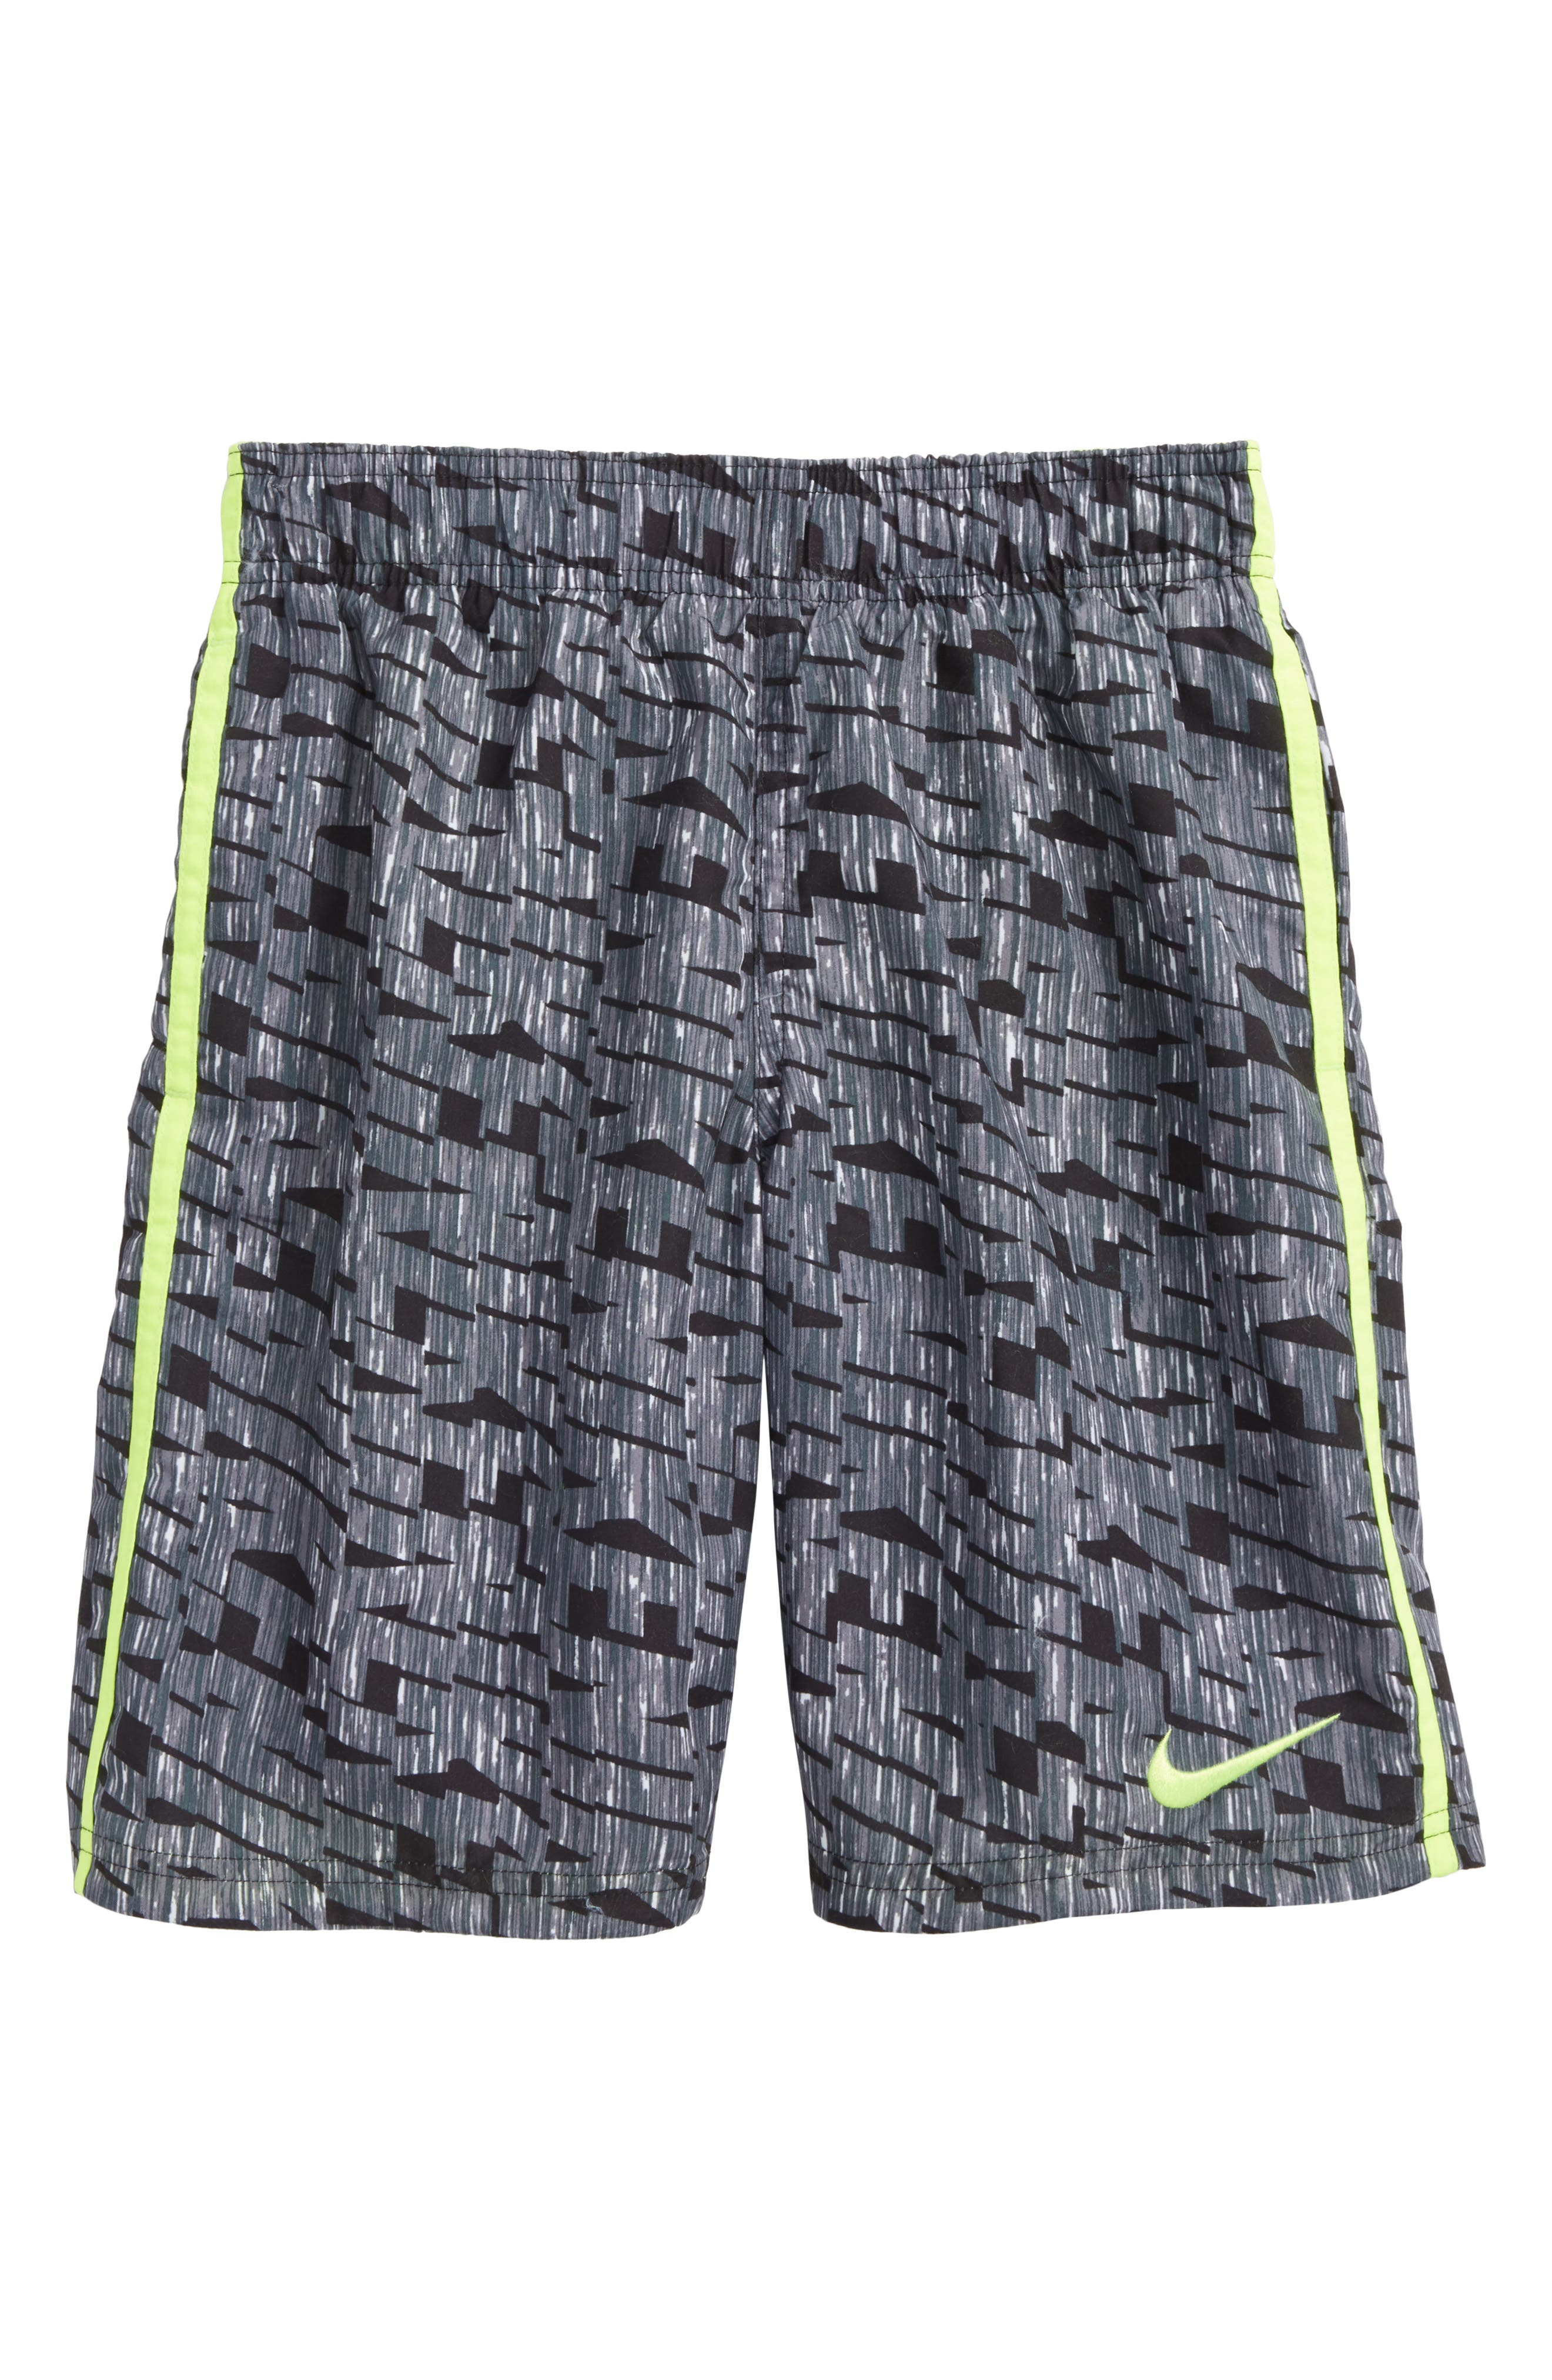 Diverge Volley Shorts,                             Main thumbnail 1, color,                             001